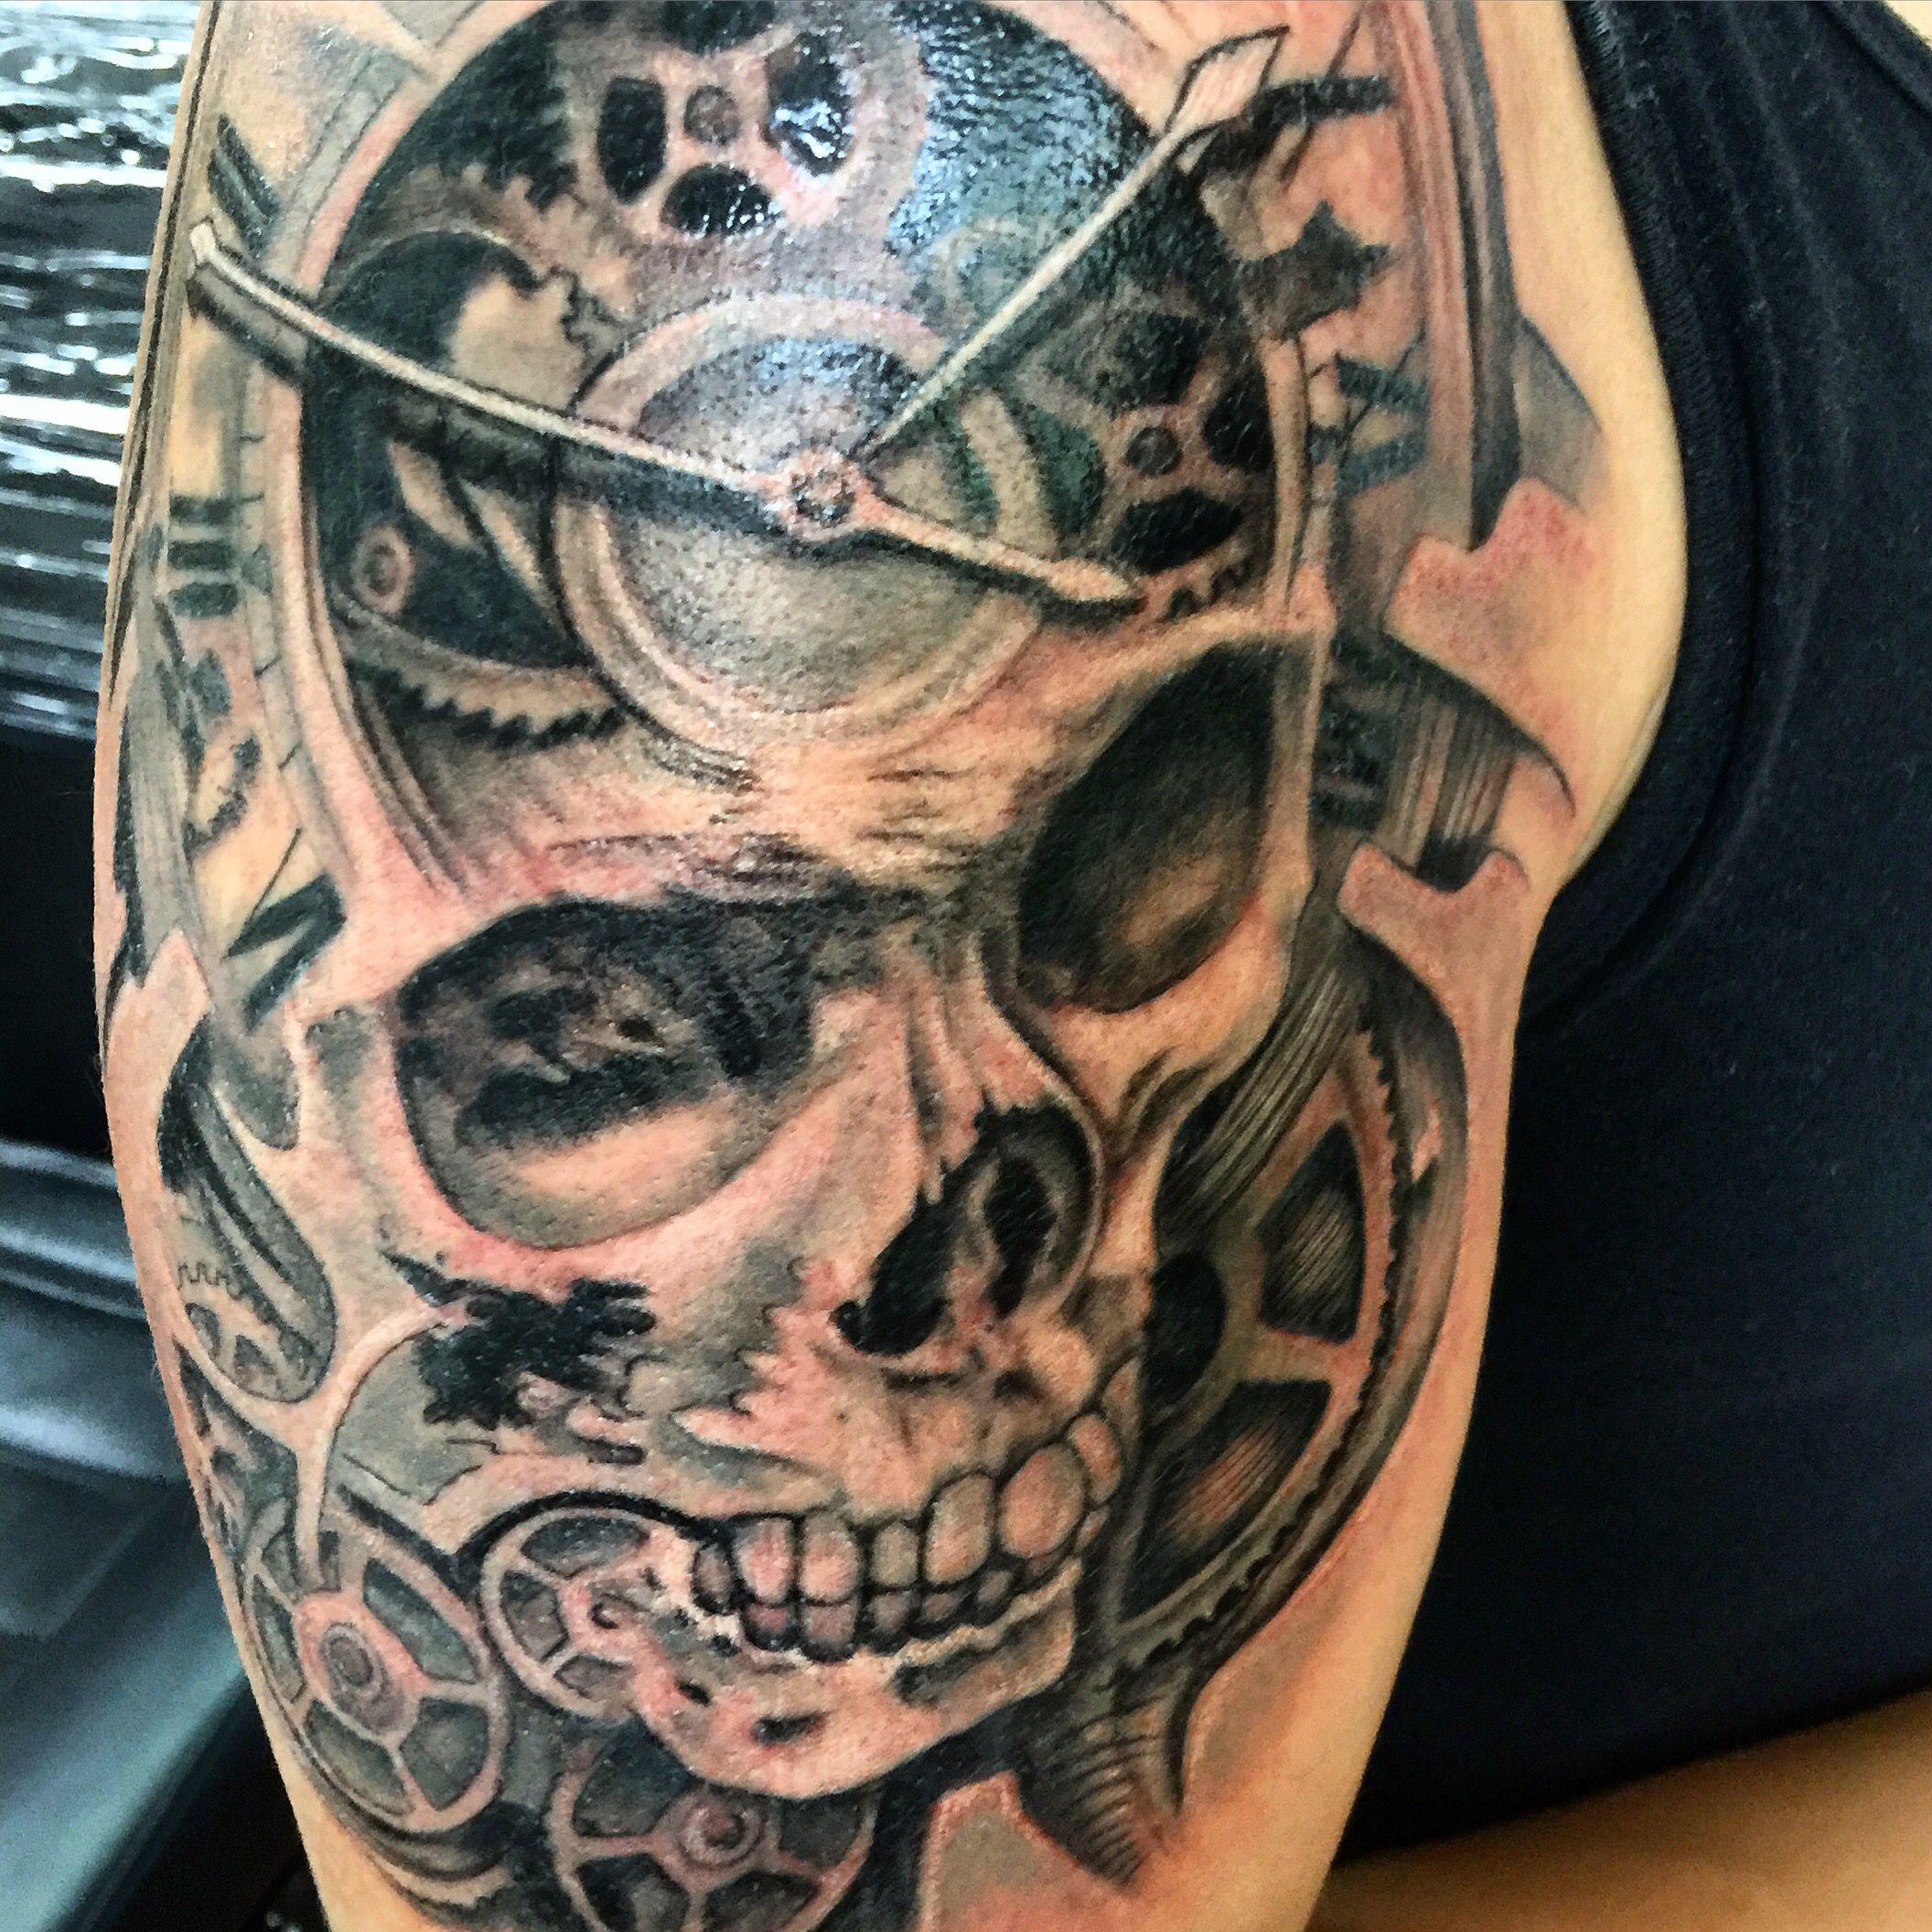 Cráneos Calaveras Relojes Tatuajes En Sombra Osvaldo Castillo Df